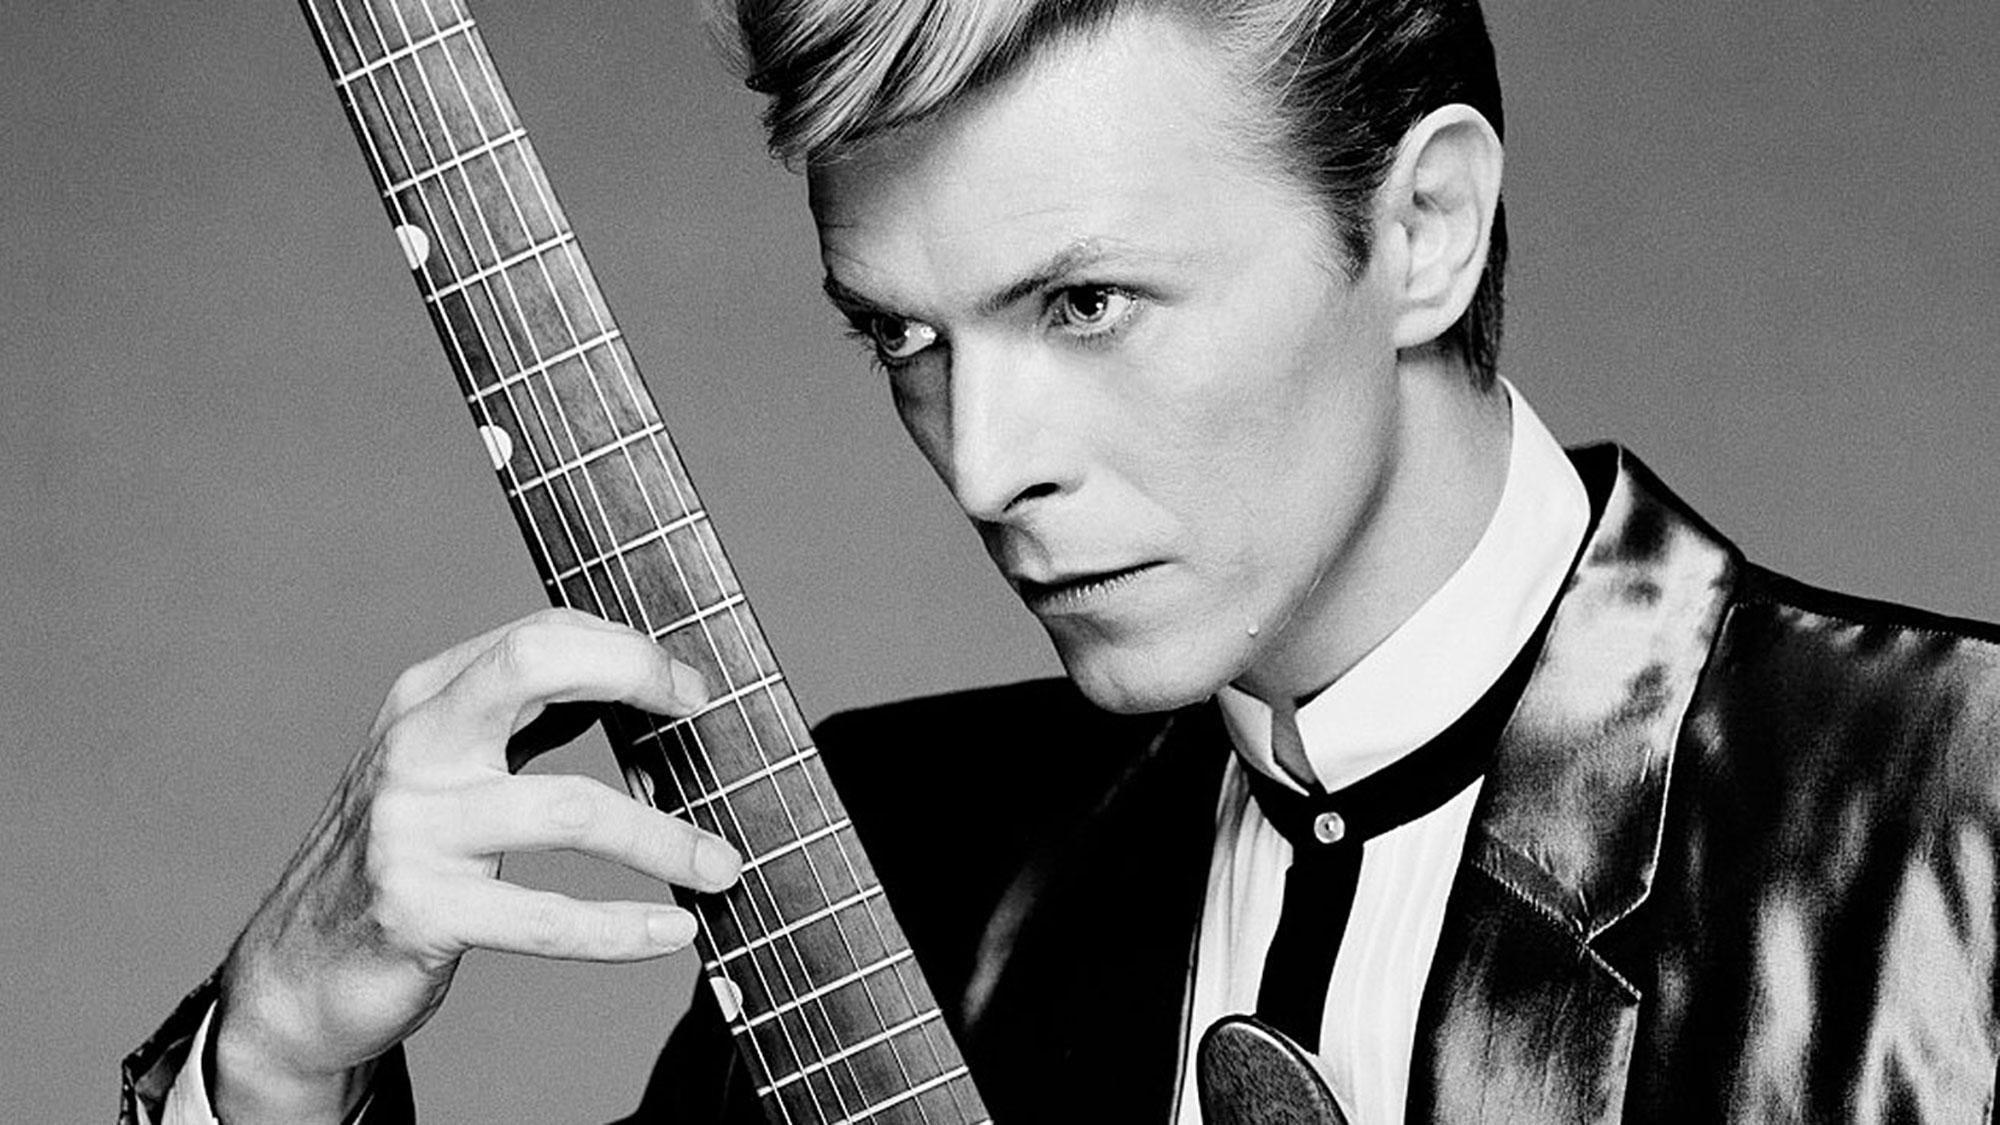 Вышло приложение David Bowie is, рассказывающее ожизни итворчестве Дэвида Боуи